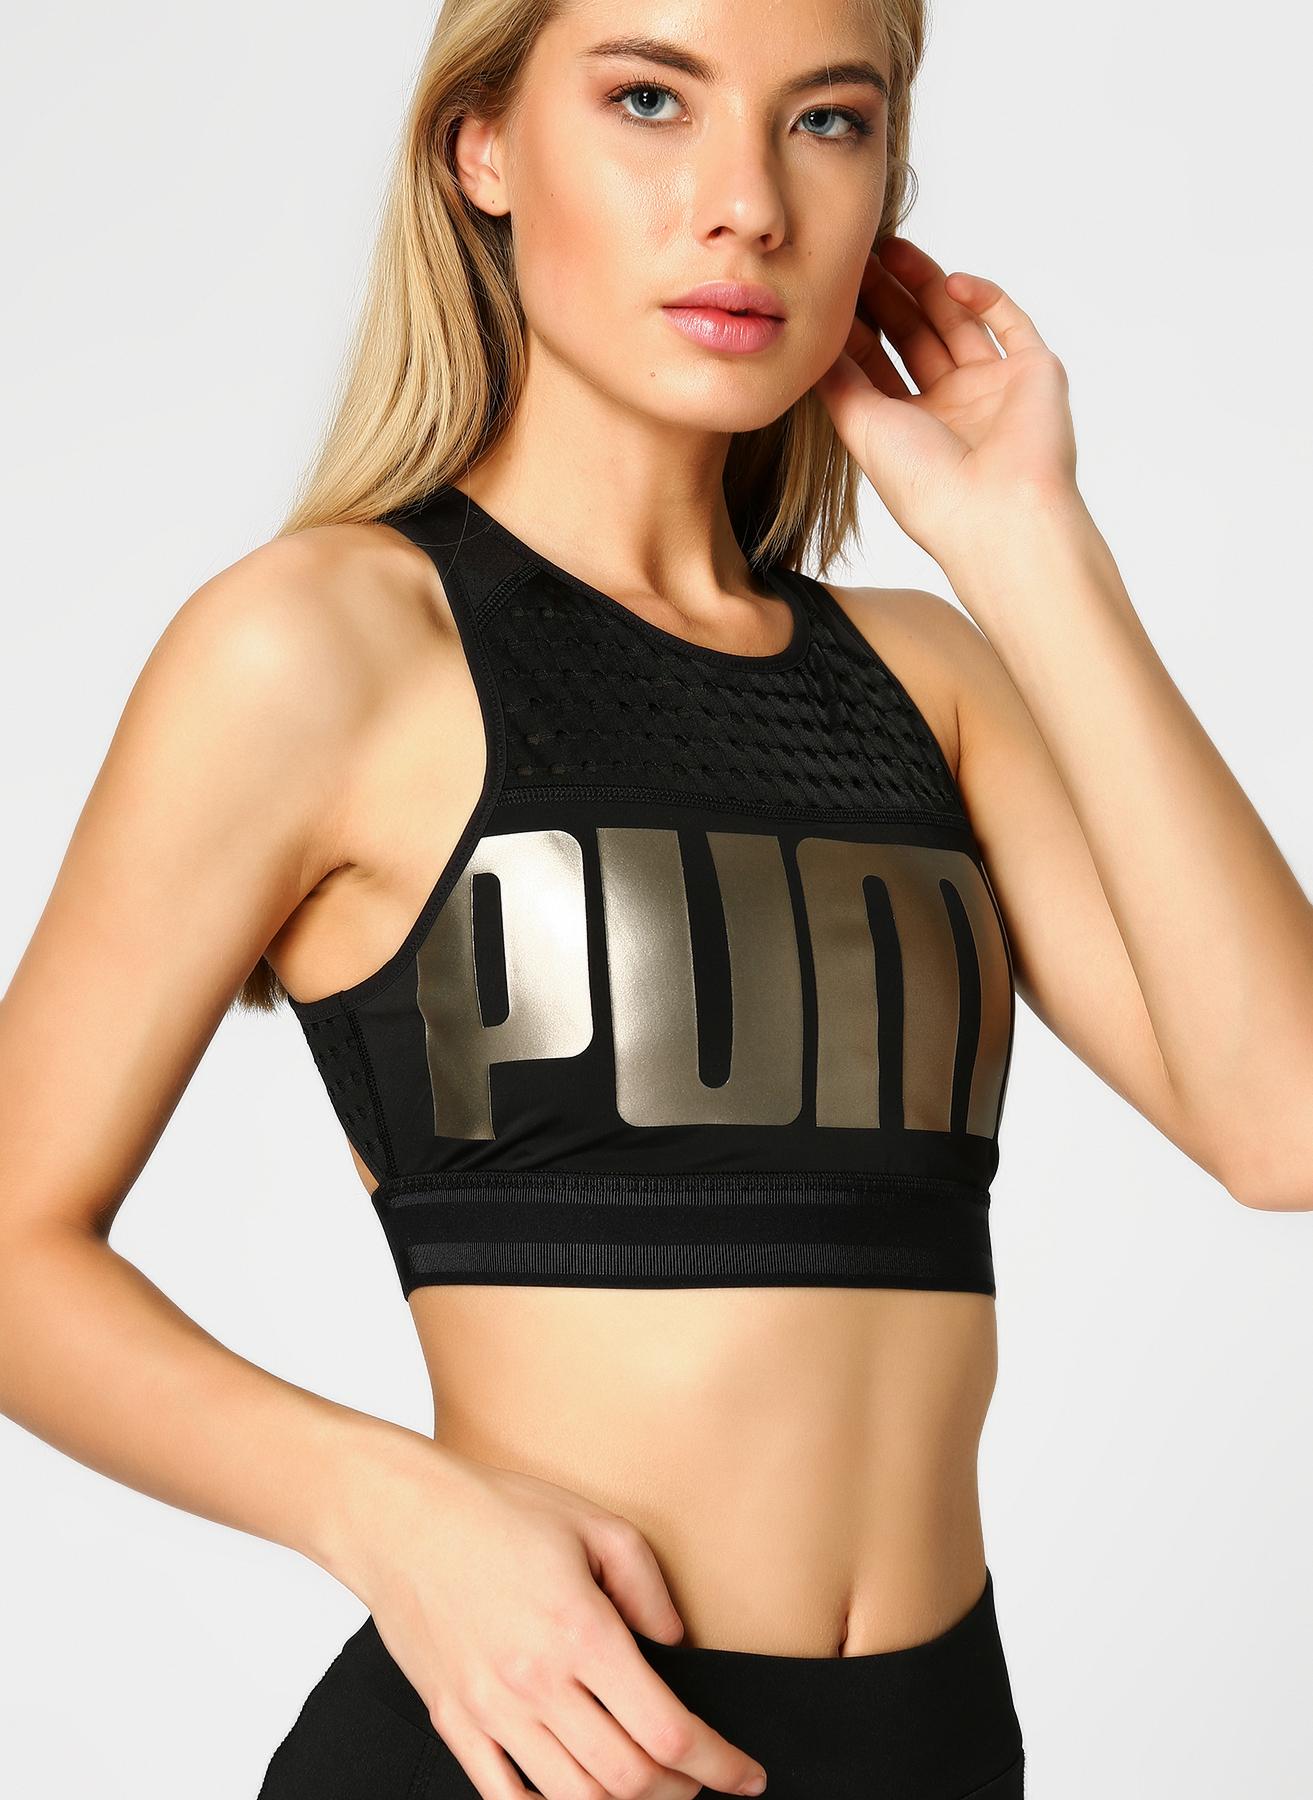 Puma Sporcu Sütyeni M 5001632455002 Ürün Resmi